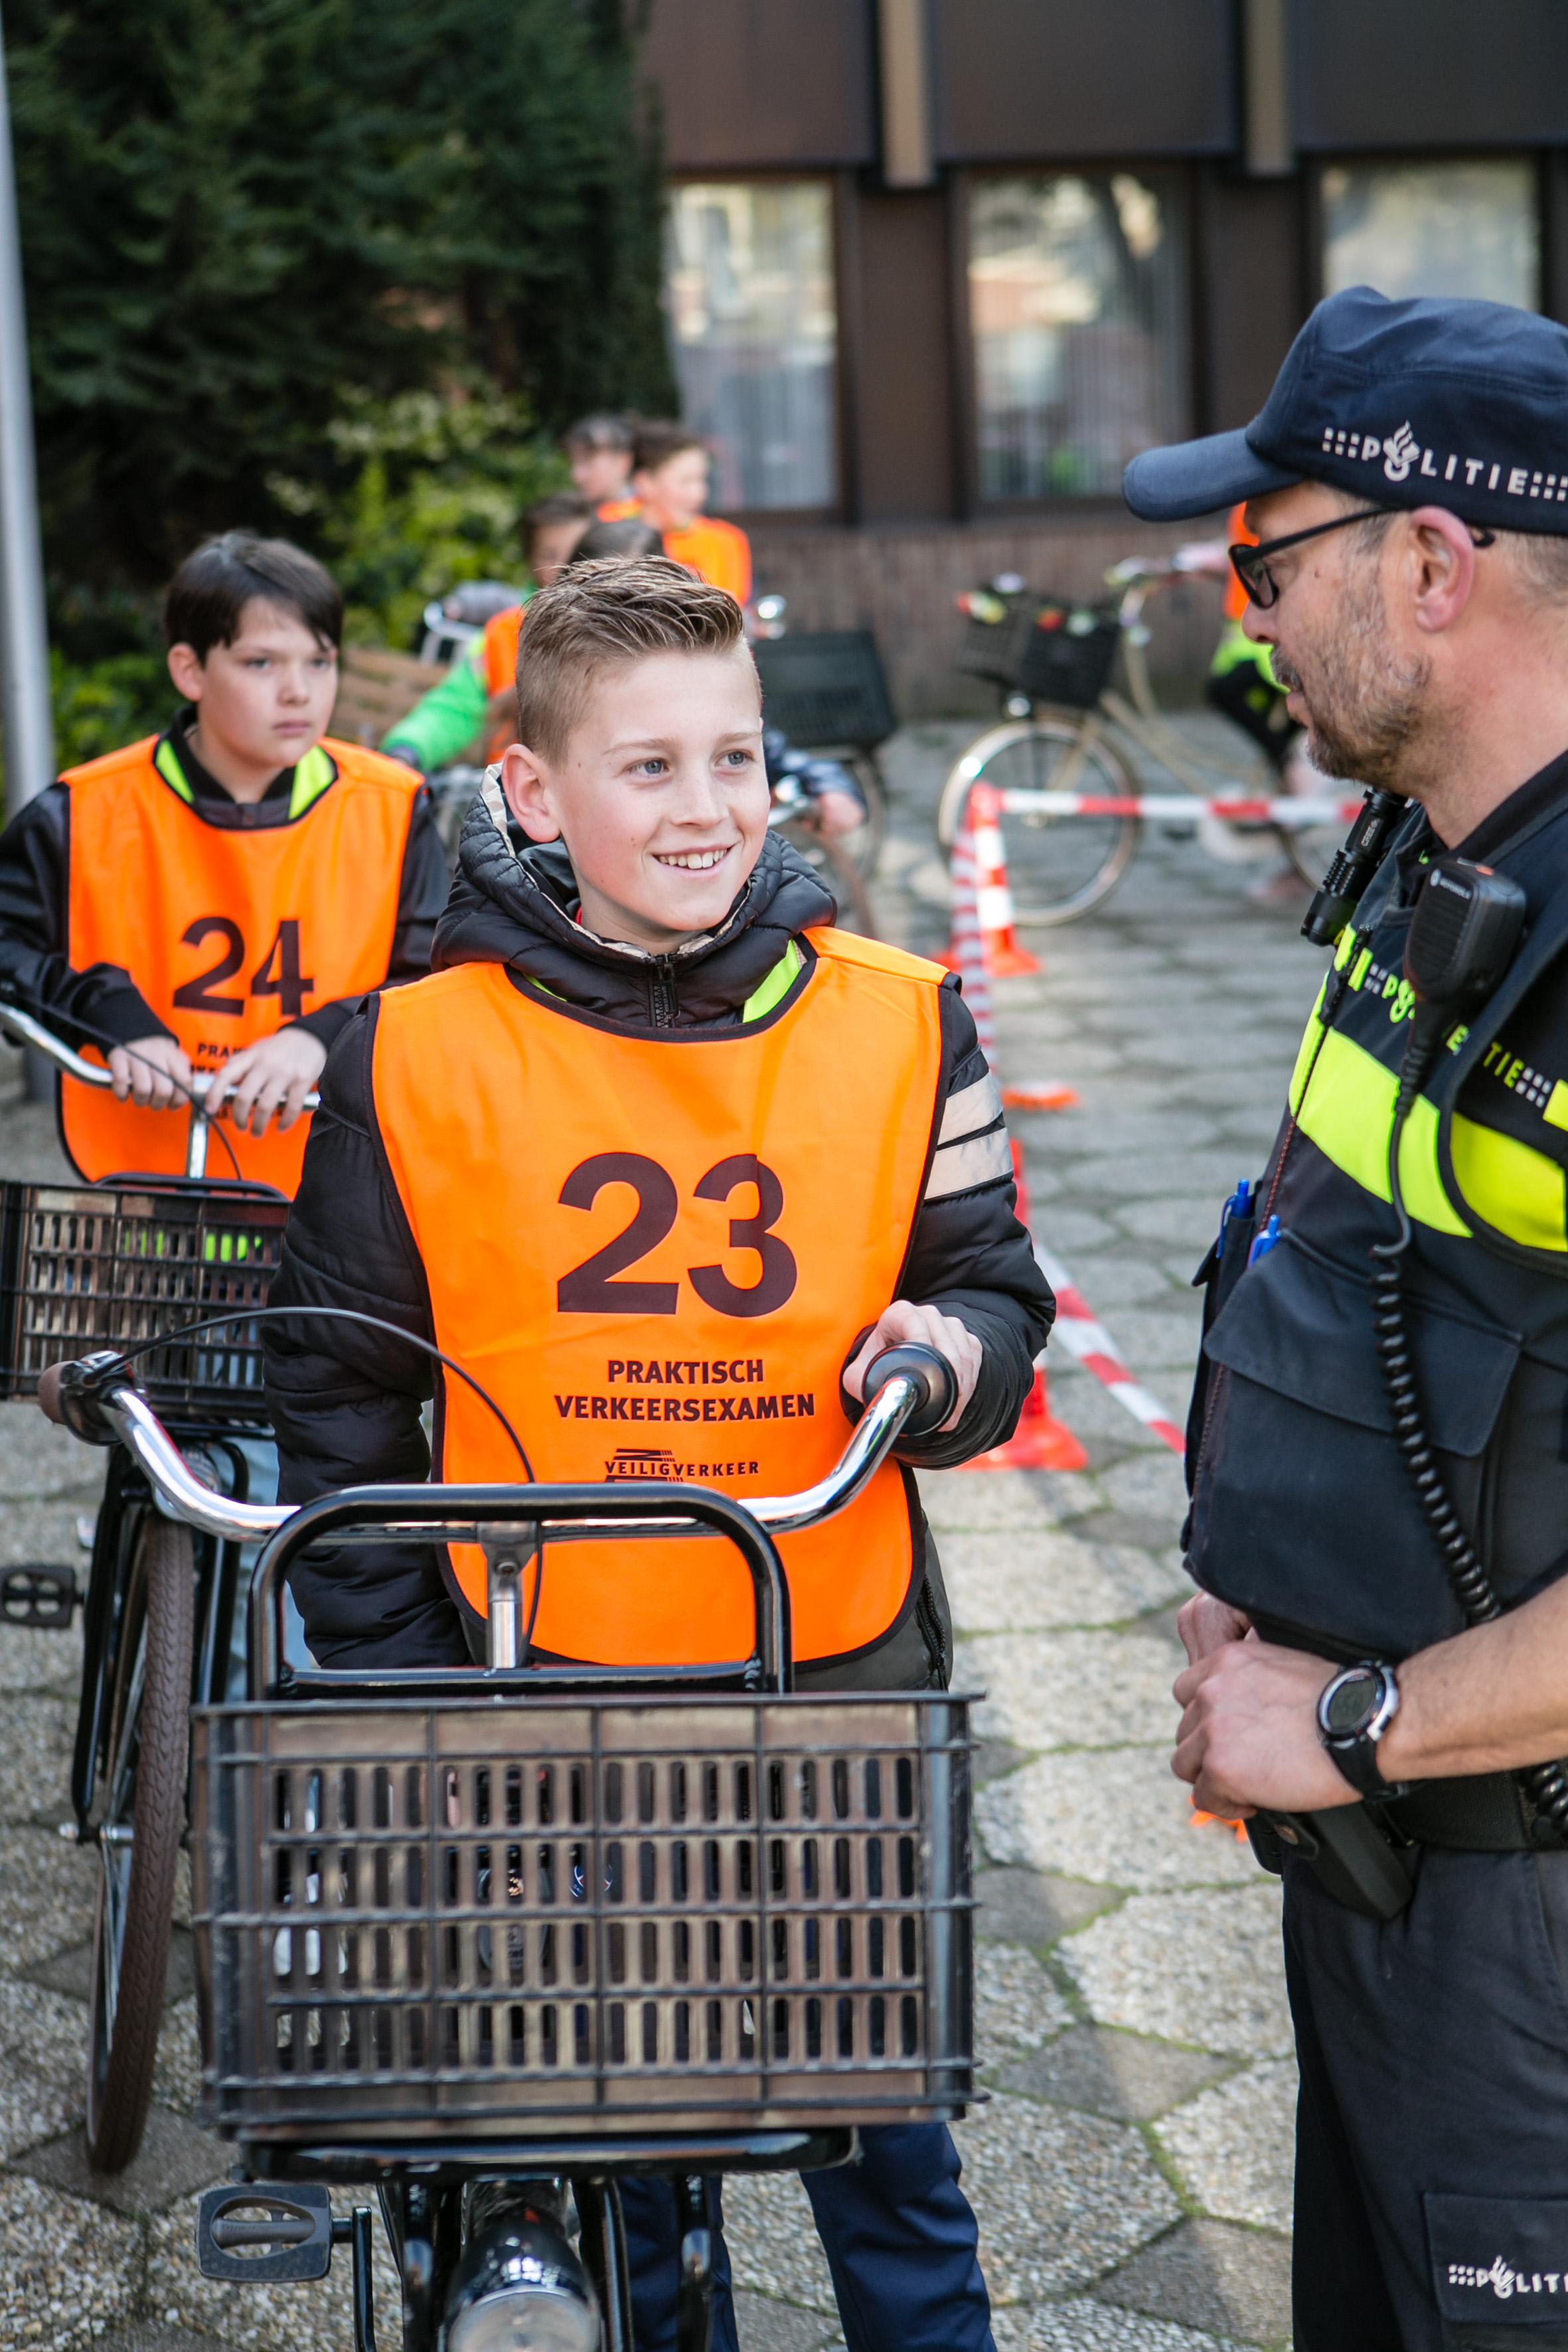 verkeersexamen foto eric van nieuwland 075147